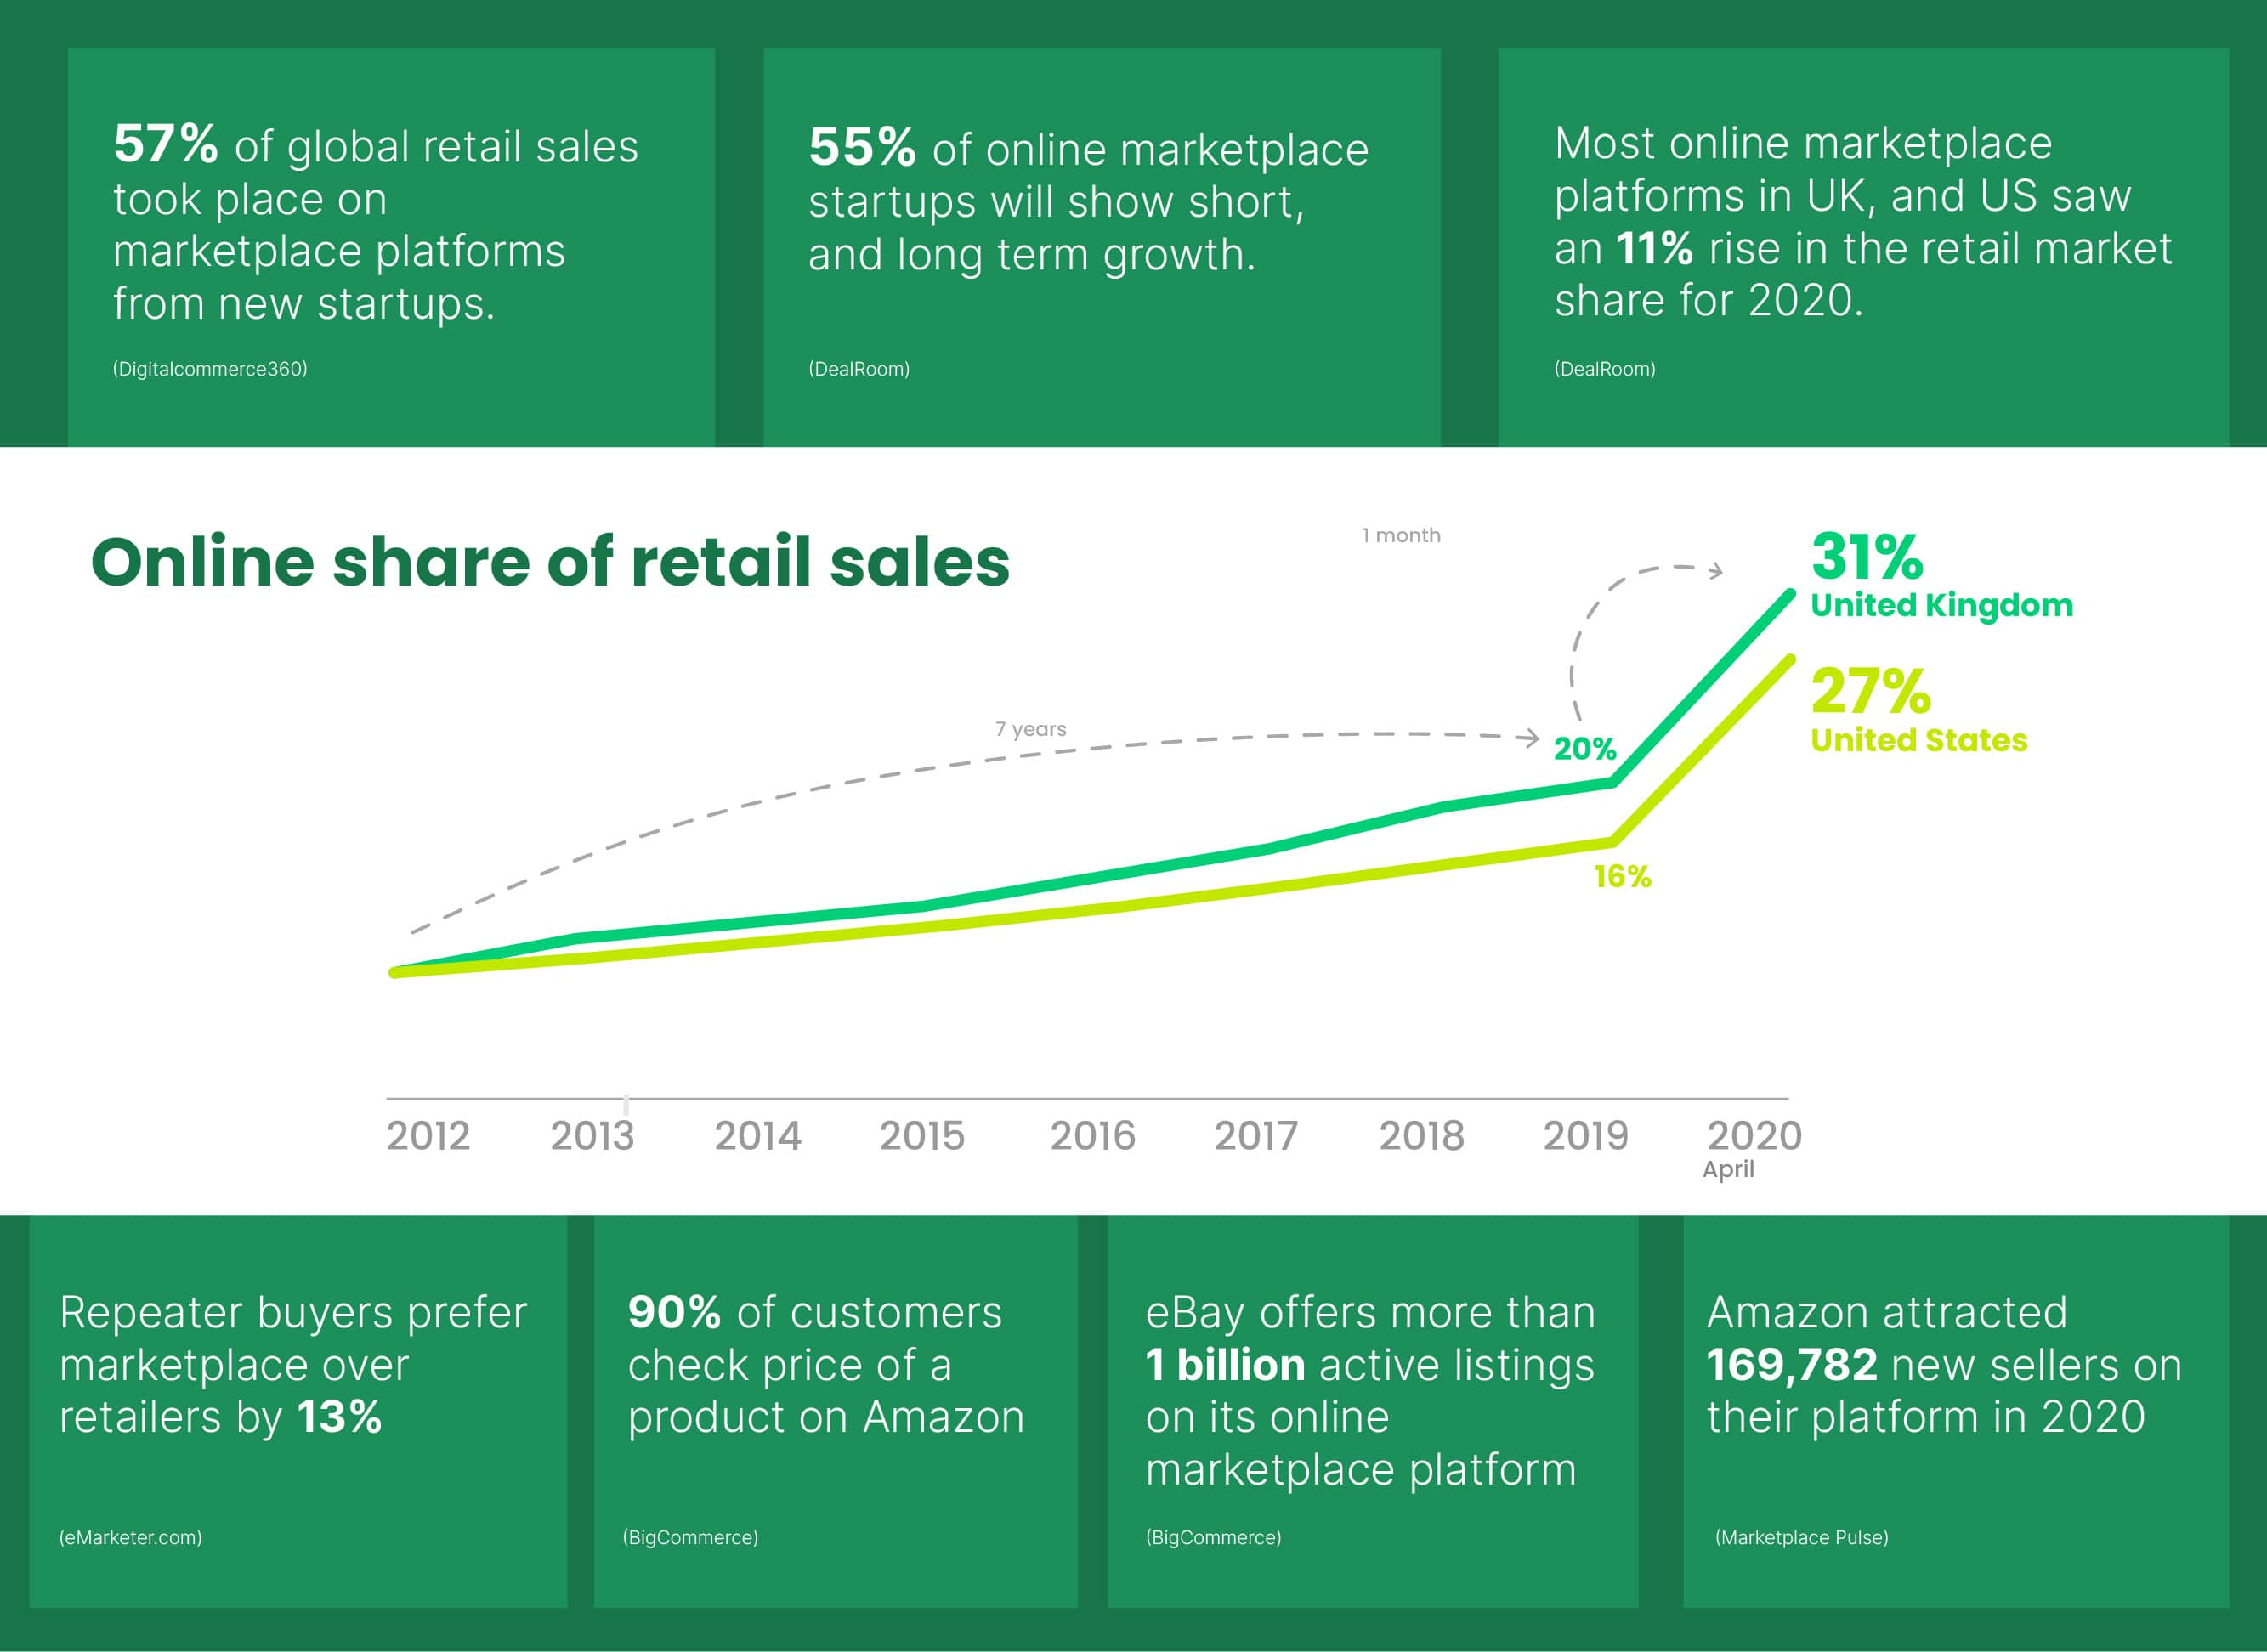 Global retail sales